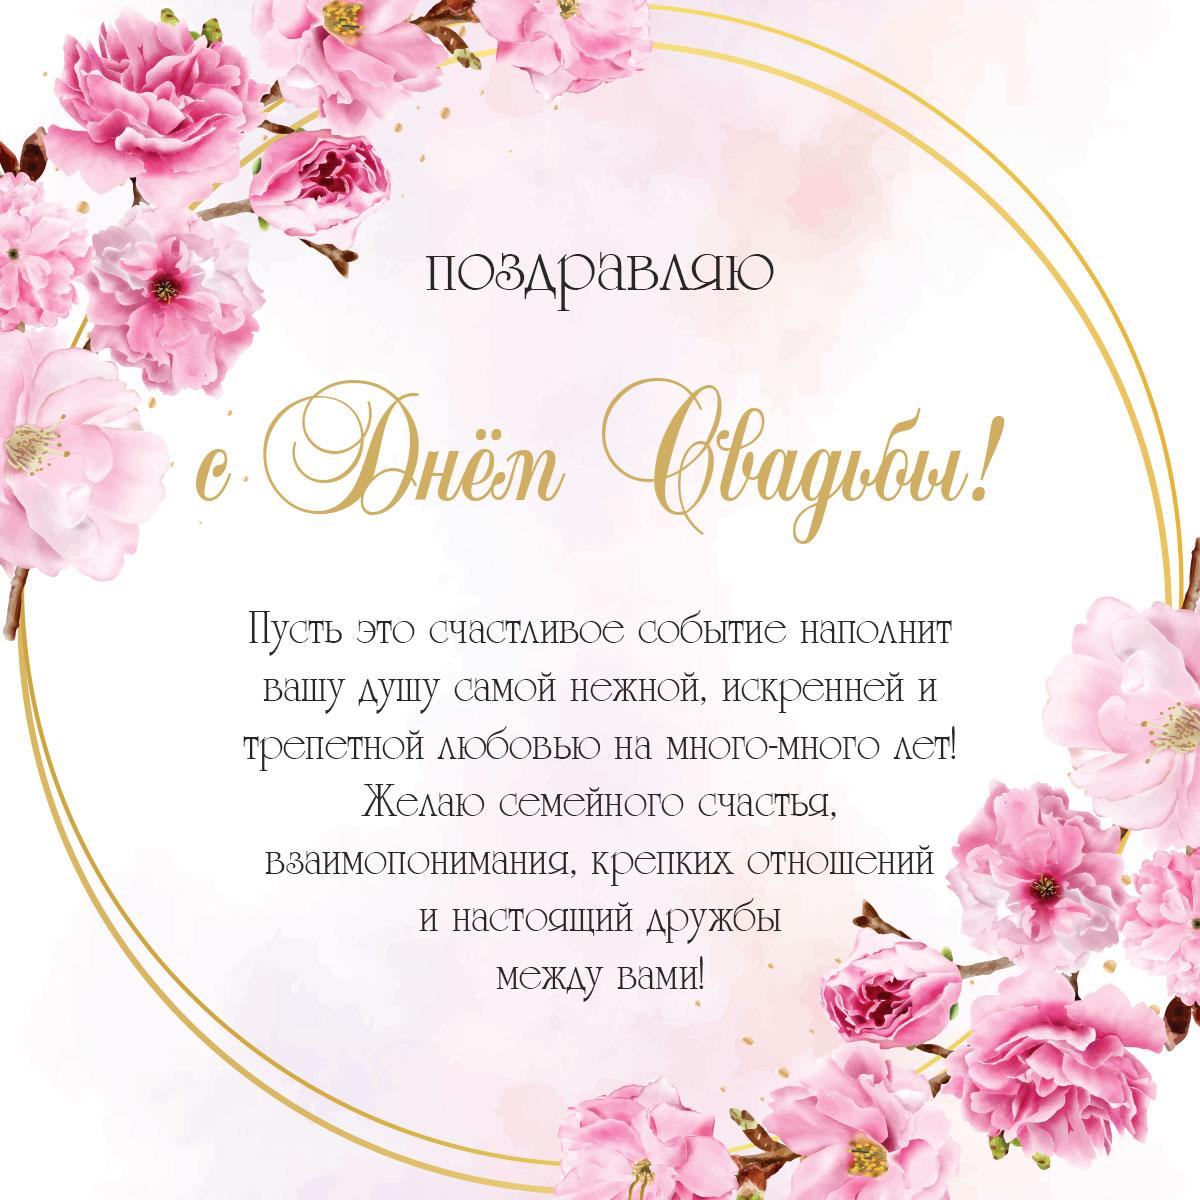 Текст поздравления в круглой золотой рамочке с бутонами розовой лаванды.